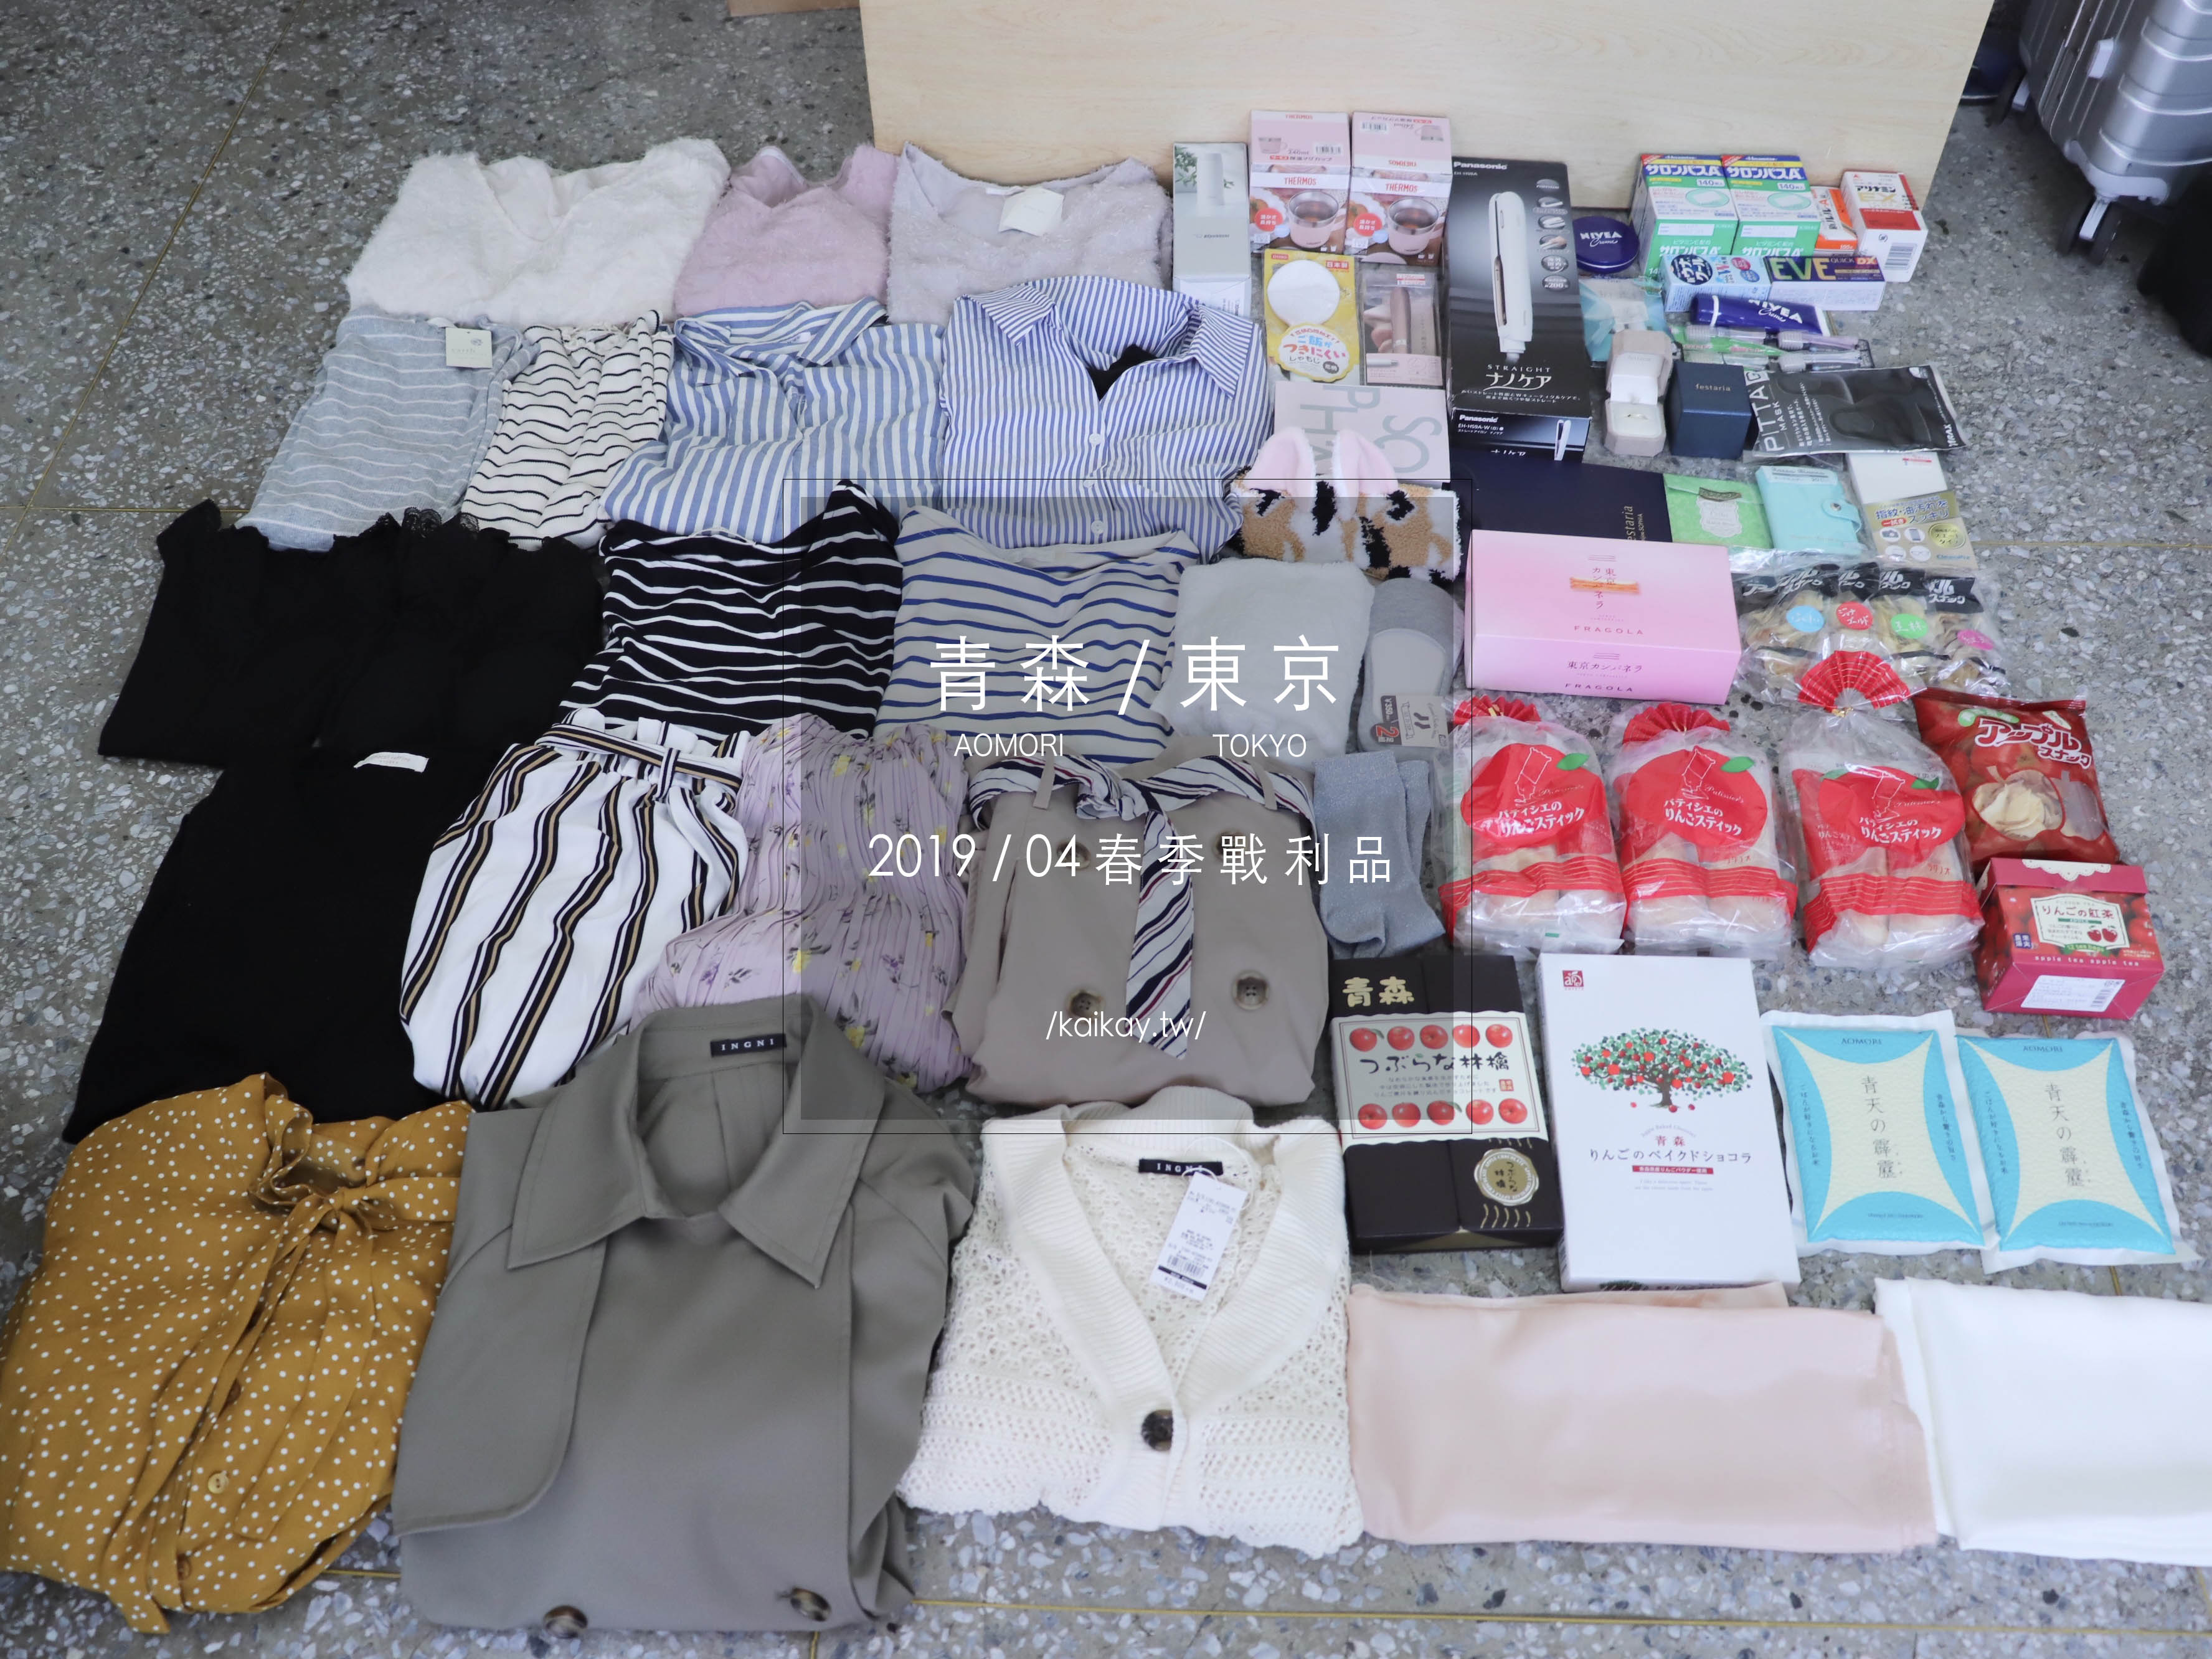 ☆【2019。東北/東京】四月新品太好買!滿滿新衣+蘋果伴手禮戰利品 @凱的日本食尚日記